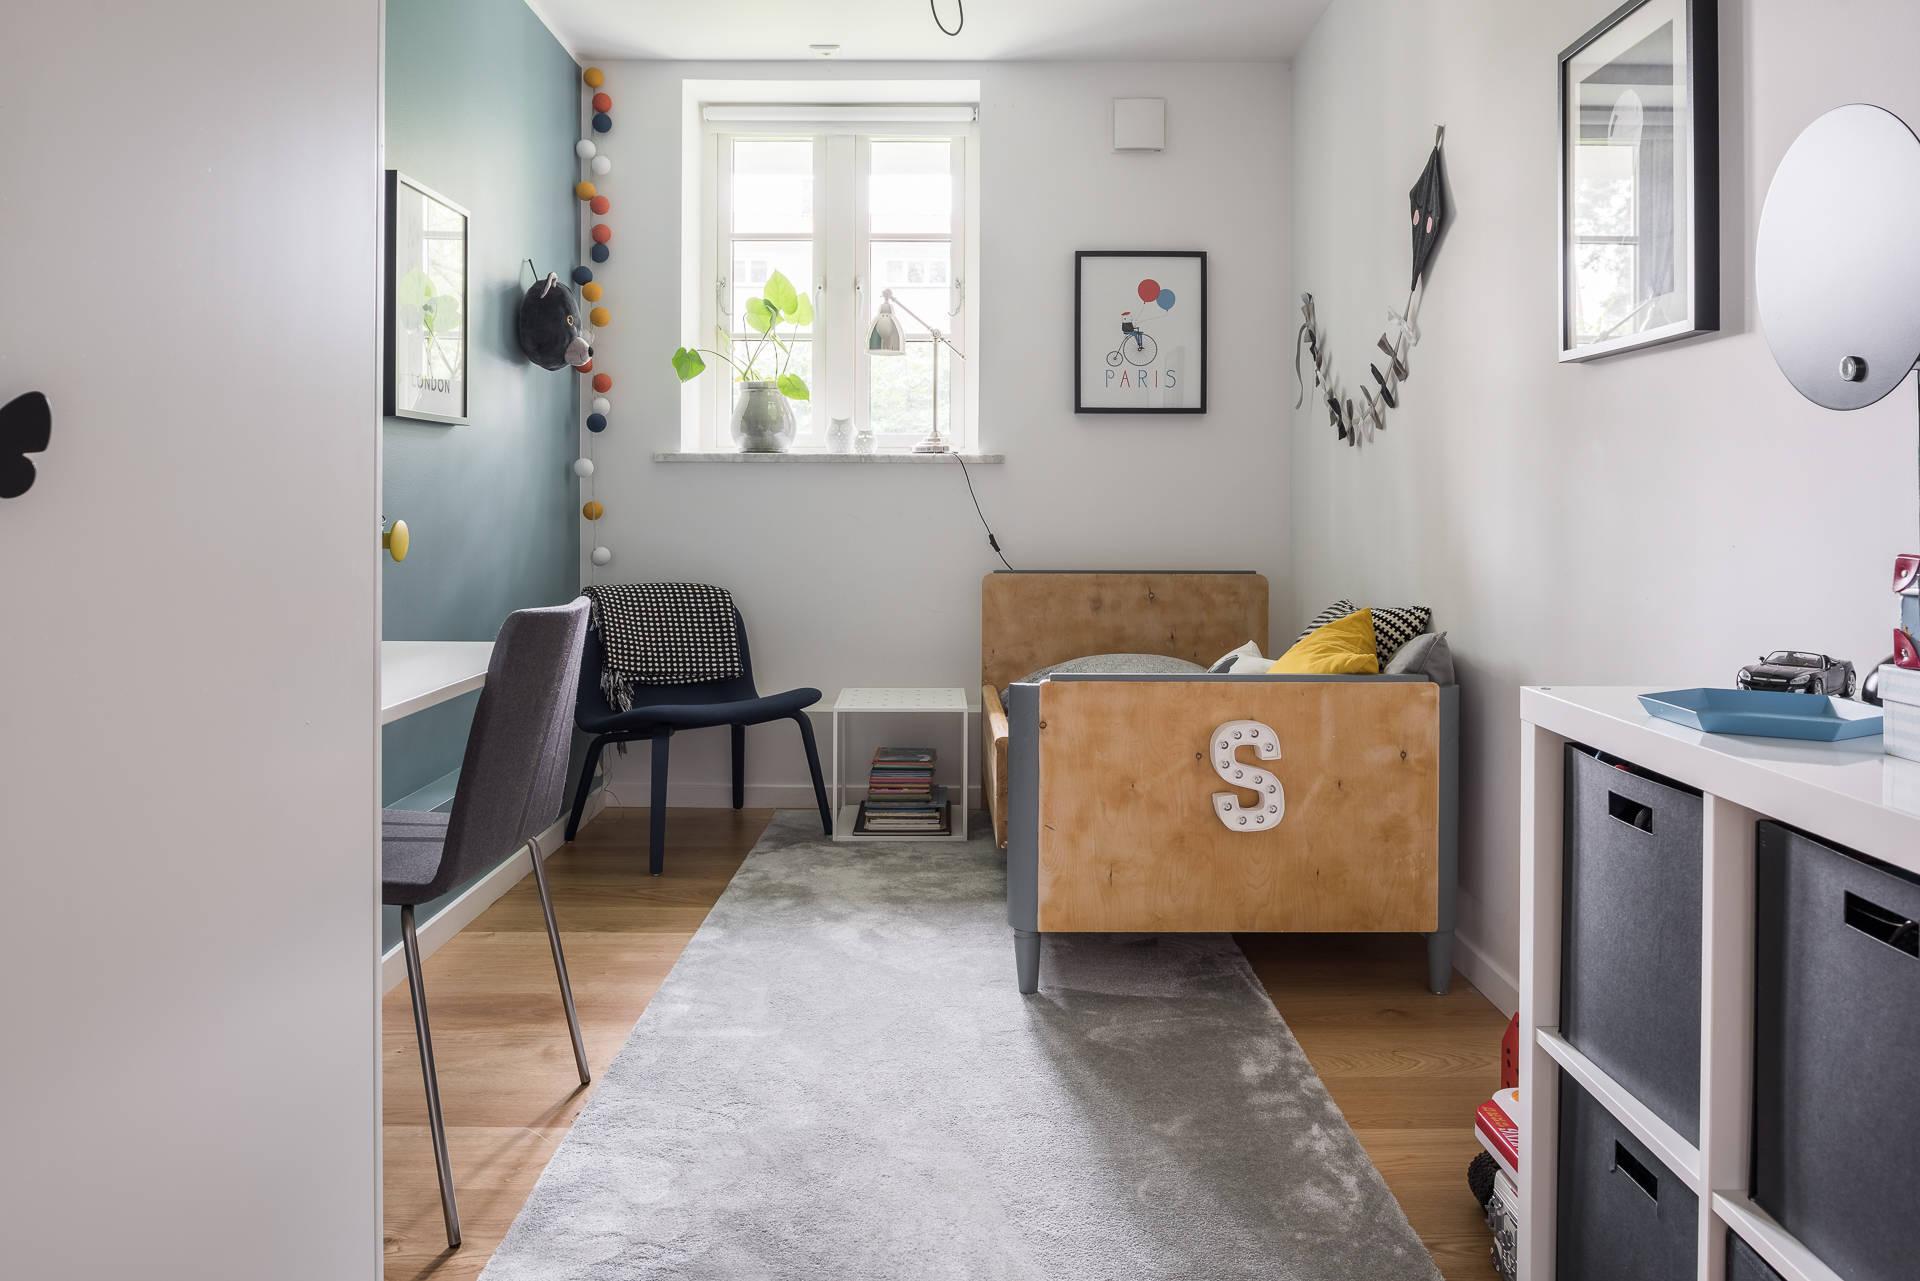 детская комната кровать гирлянда стеллаж окно